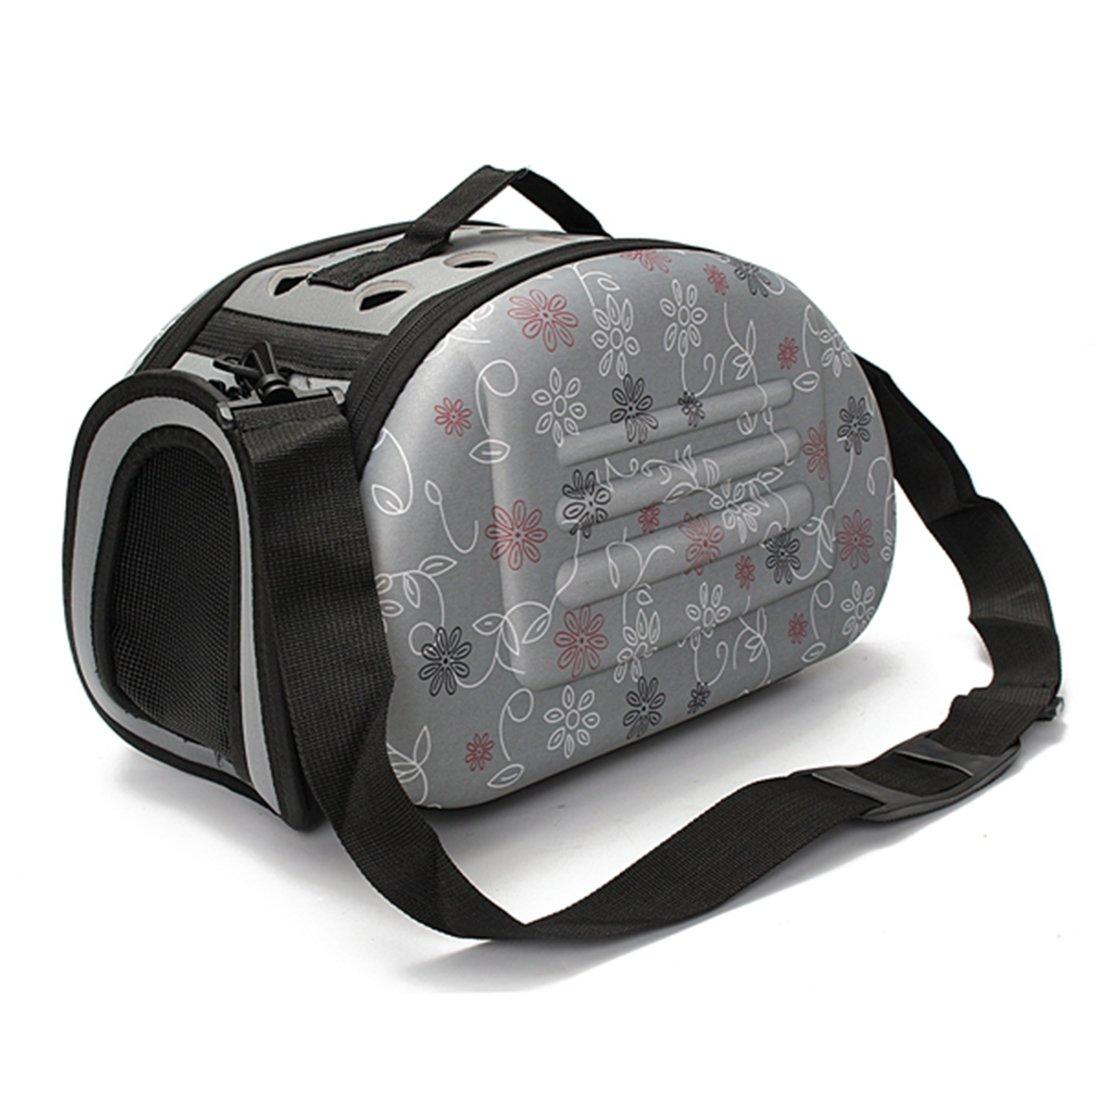 Corner Biz Pet Portable Small Pet Dog Cat Sided Carrier Travel Tote Shoulder Bag Cage House Color Grey